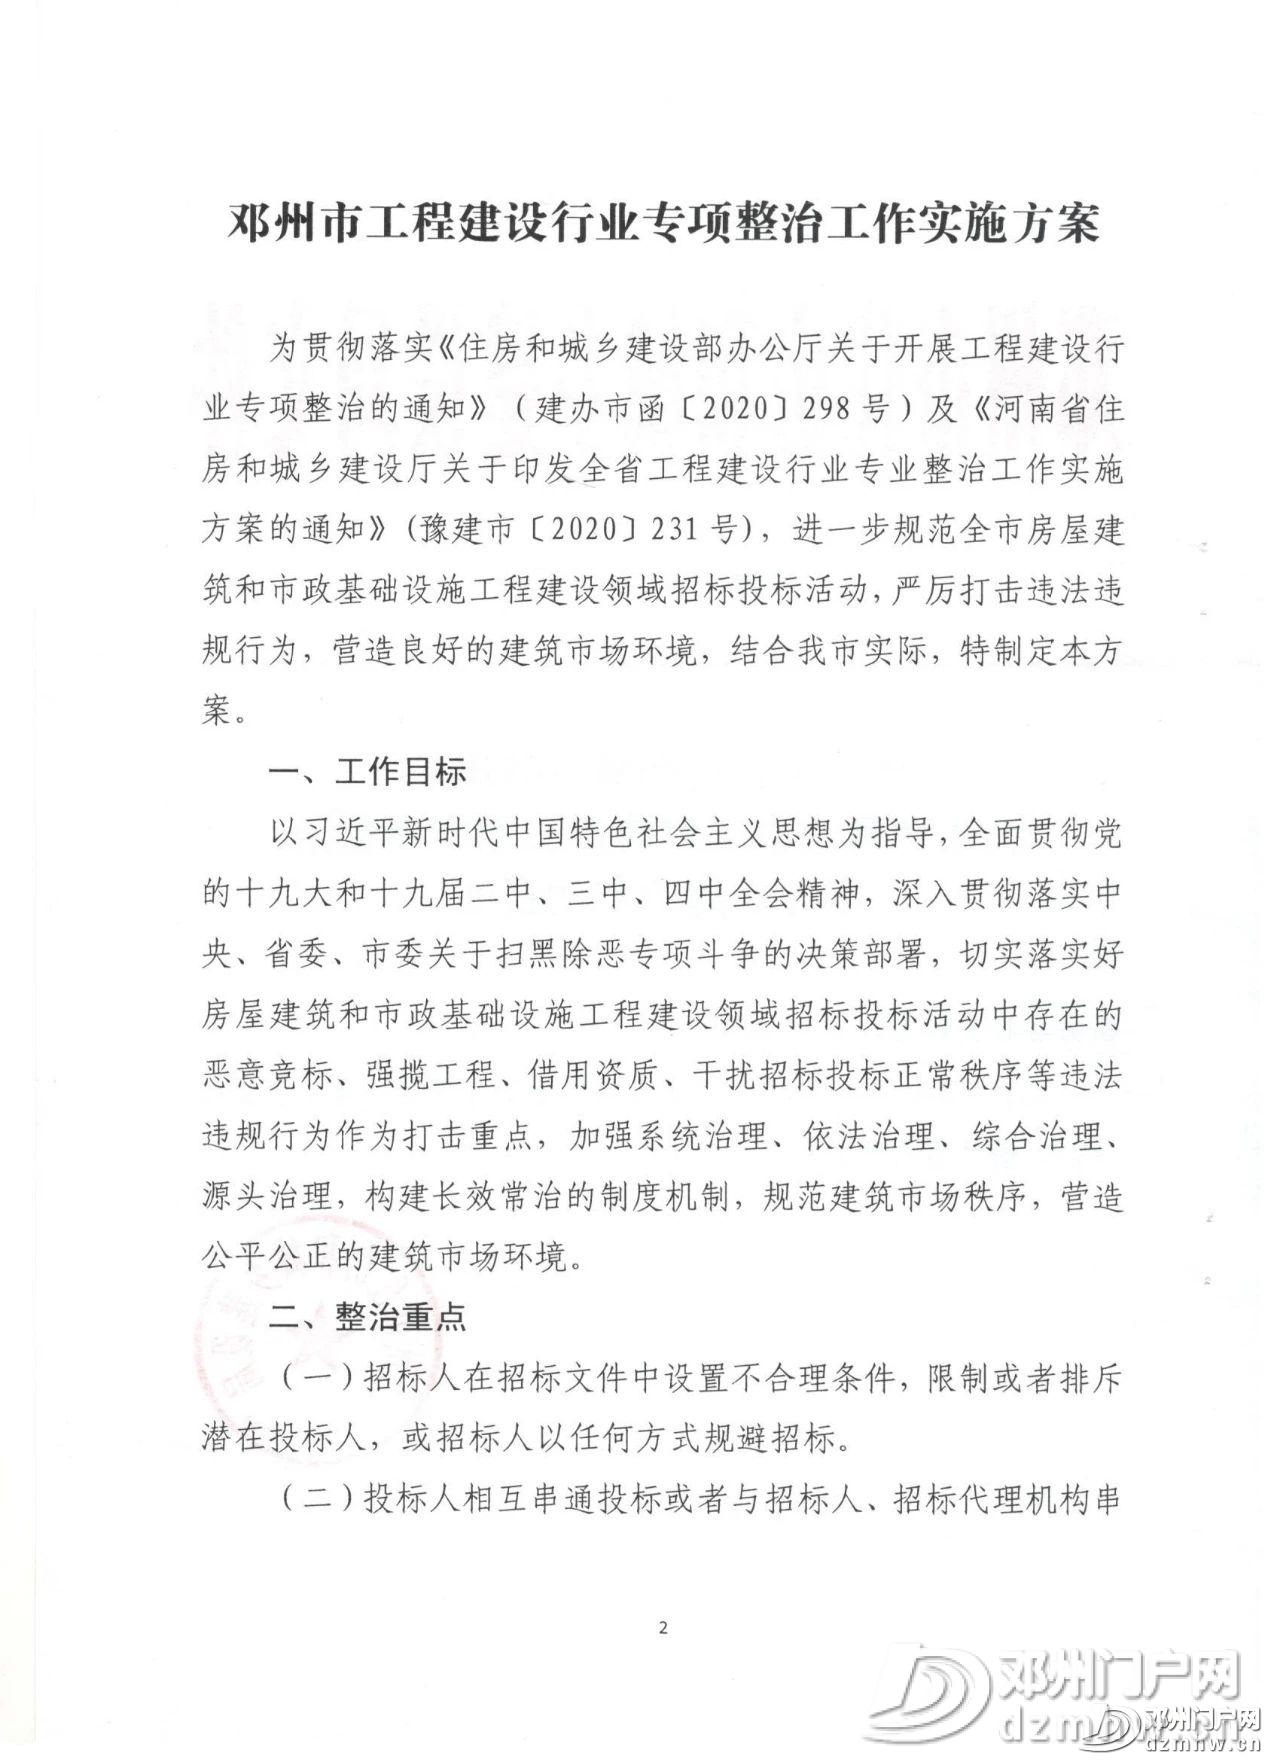 邓州市住房和城乡建设局关于印发全市工程建设行业专项整治工作实施方案的通知 - 邓州门户网|邓州网 - 076c5d2a82ffdf13cd1612702a80ff21.jpg